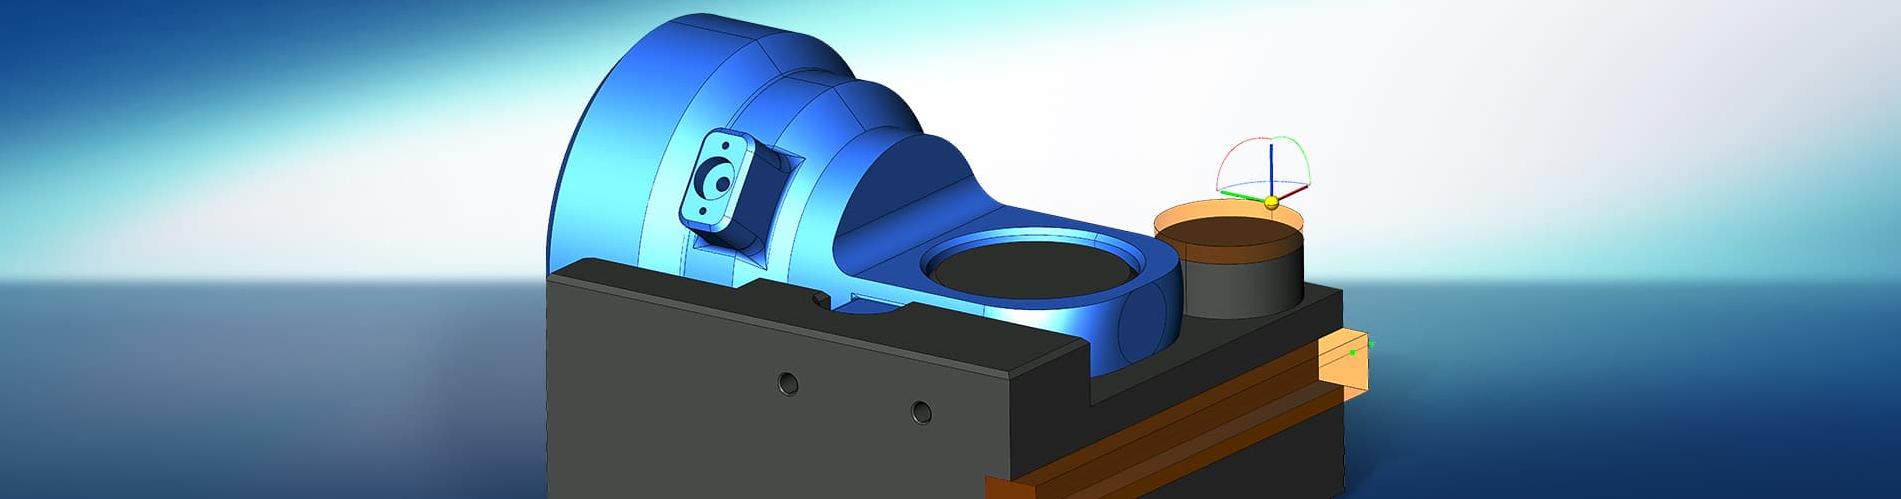 hyperCAD-S Bryły slider